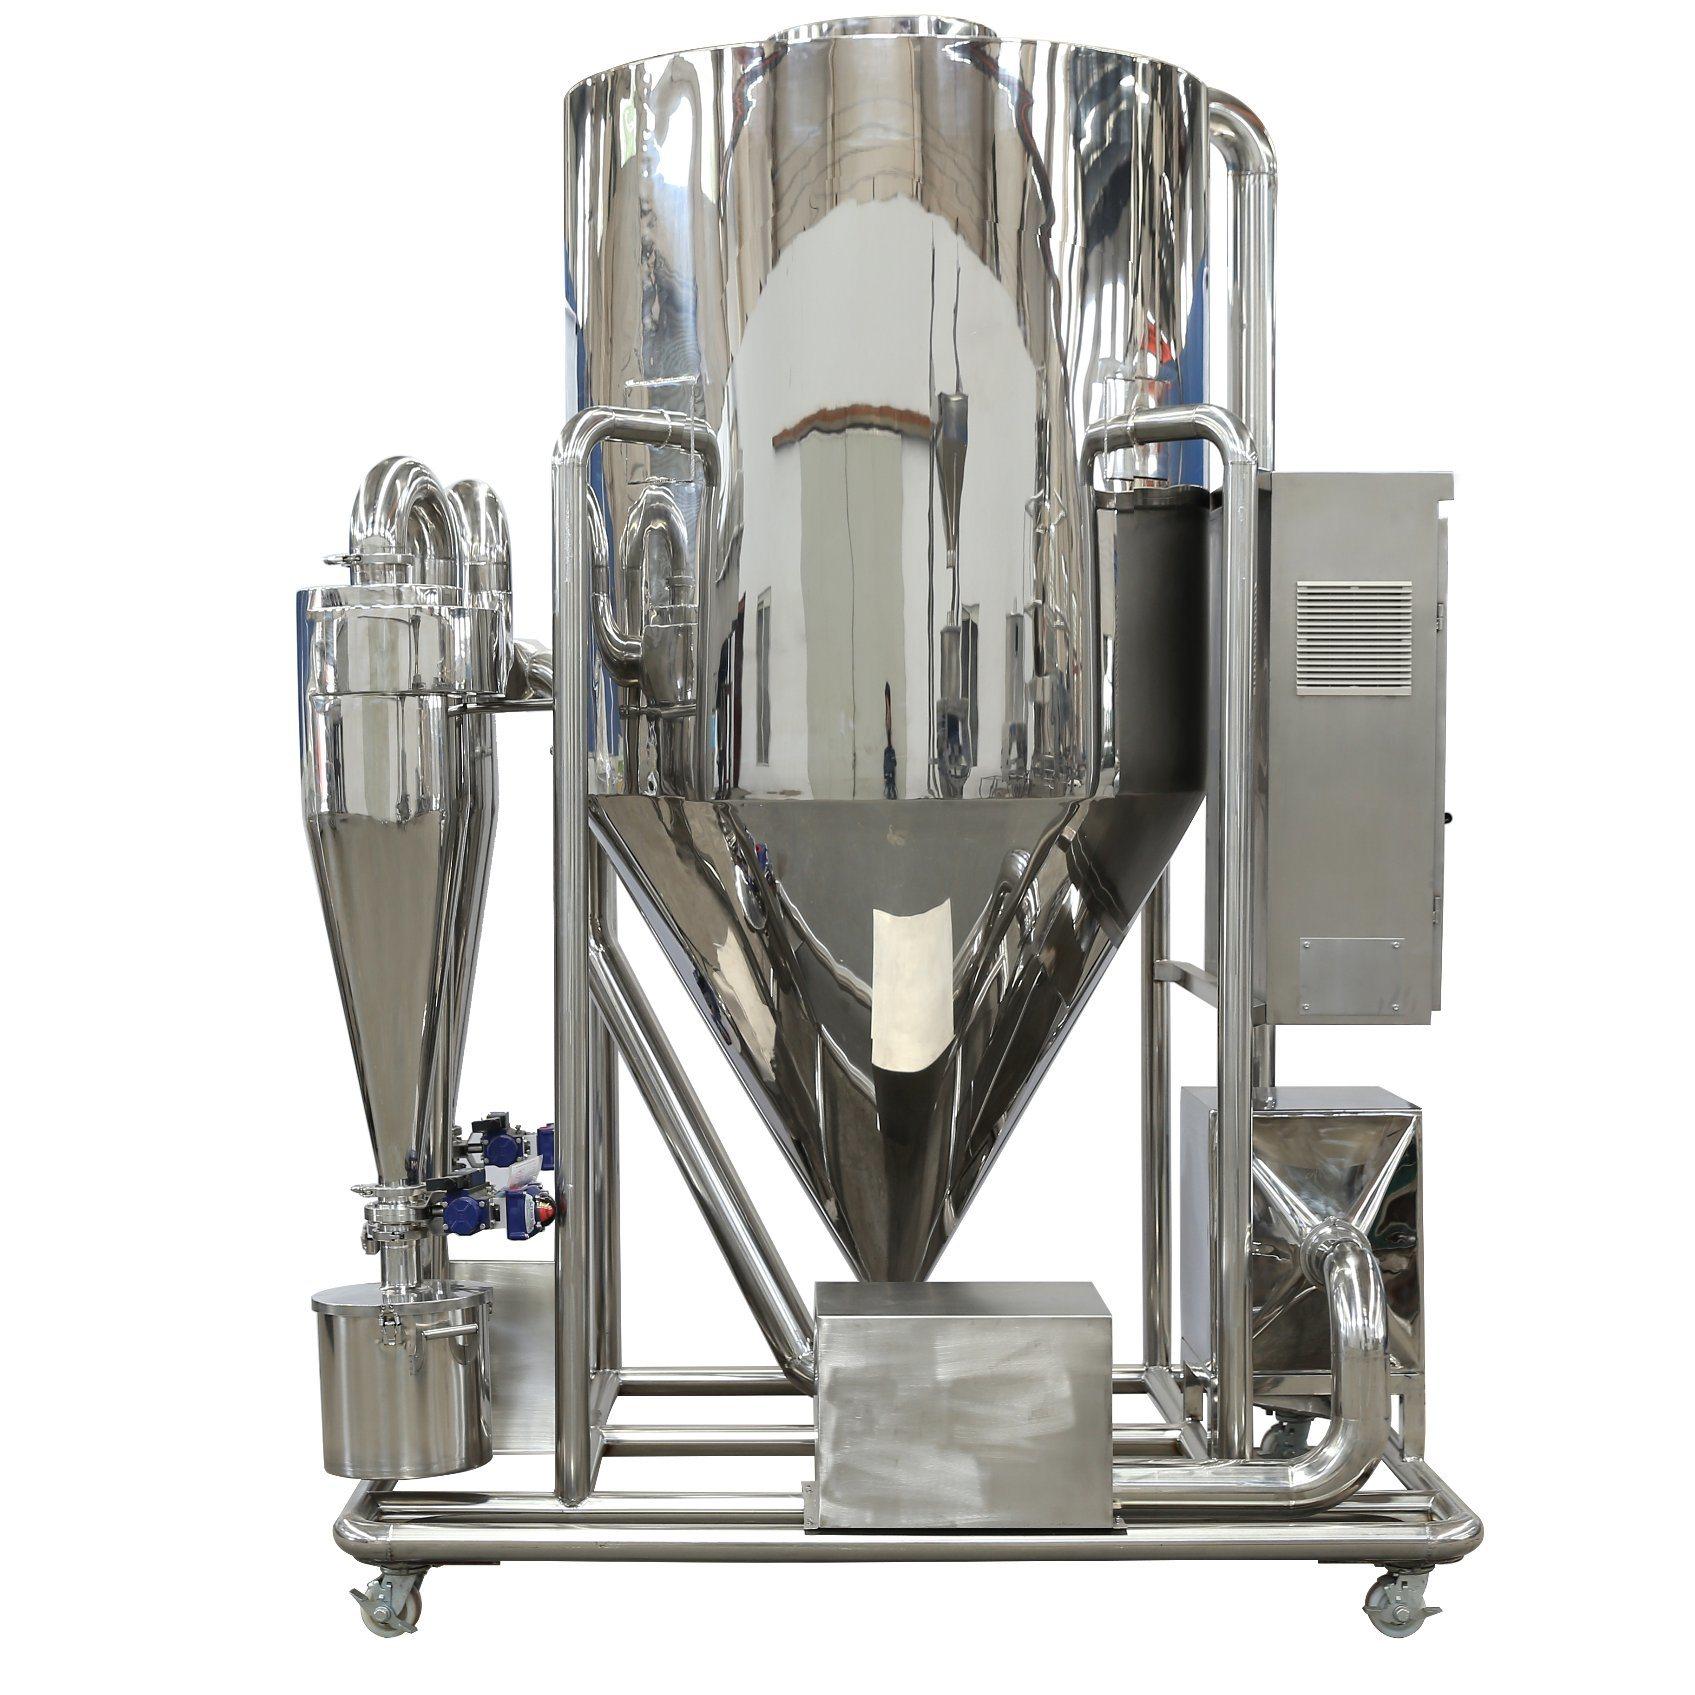 Nuoen New Spray Drying Machine